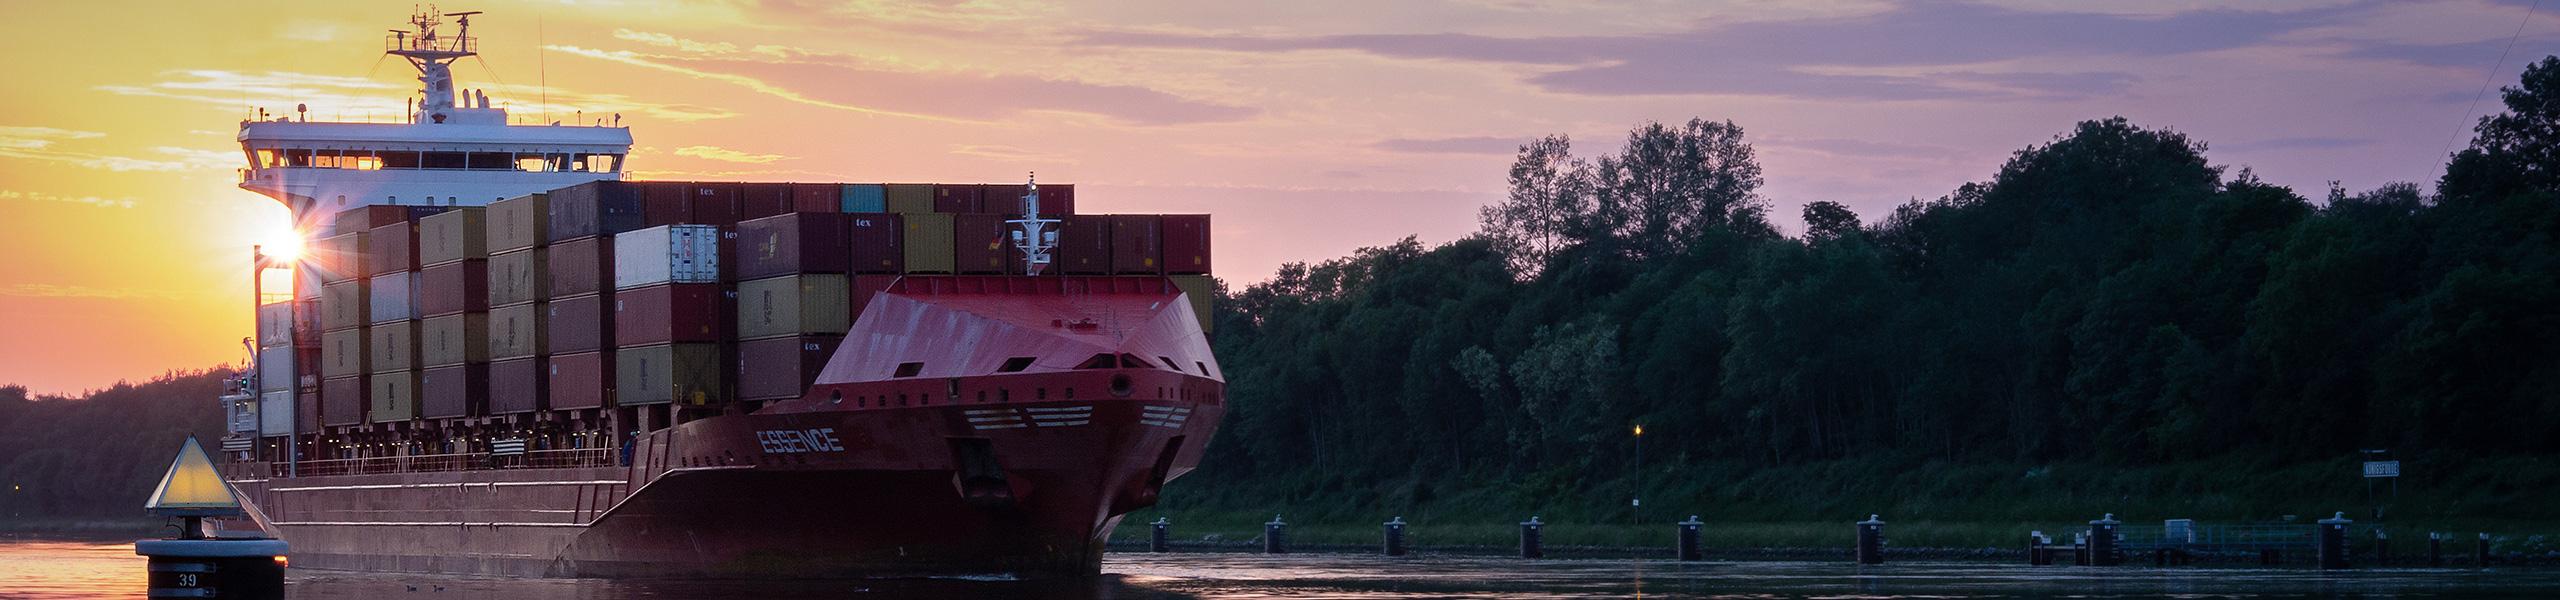 Internationale Frachtschiffreisen Pfeiffer - Frachtschiffreisen nach Dauer